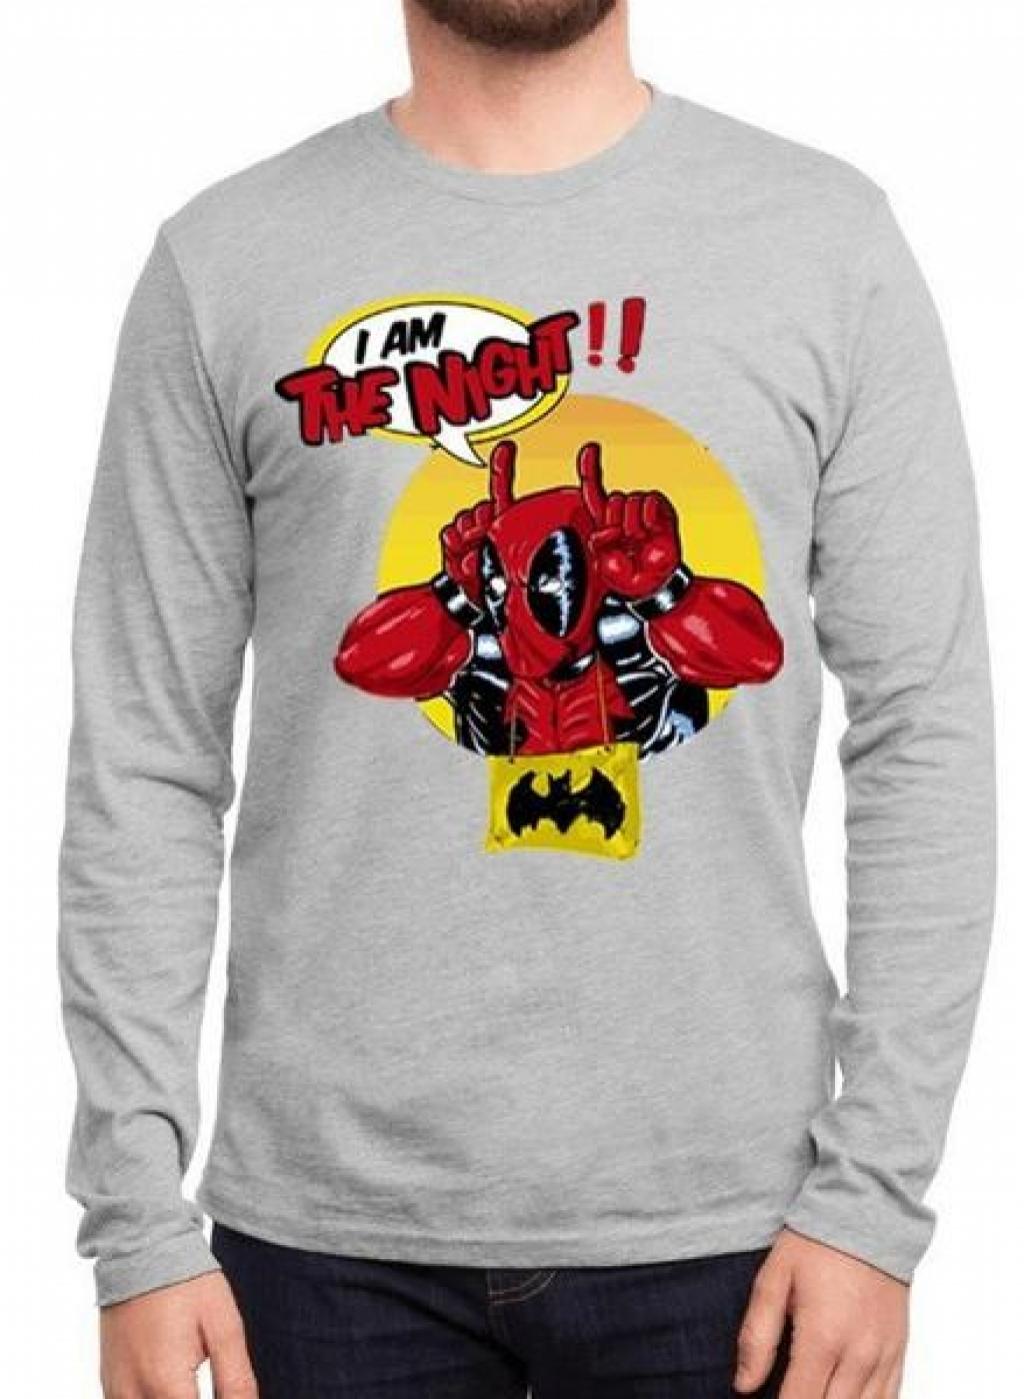 16025908310_t-shirt-design-for-men-branded-t-shirt-for-men-online-shopping-in-pakistan.jpg